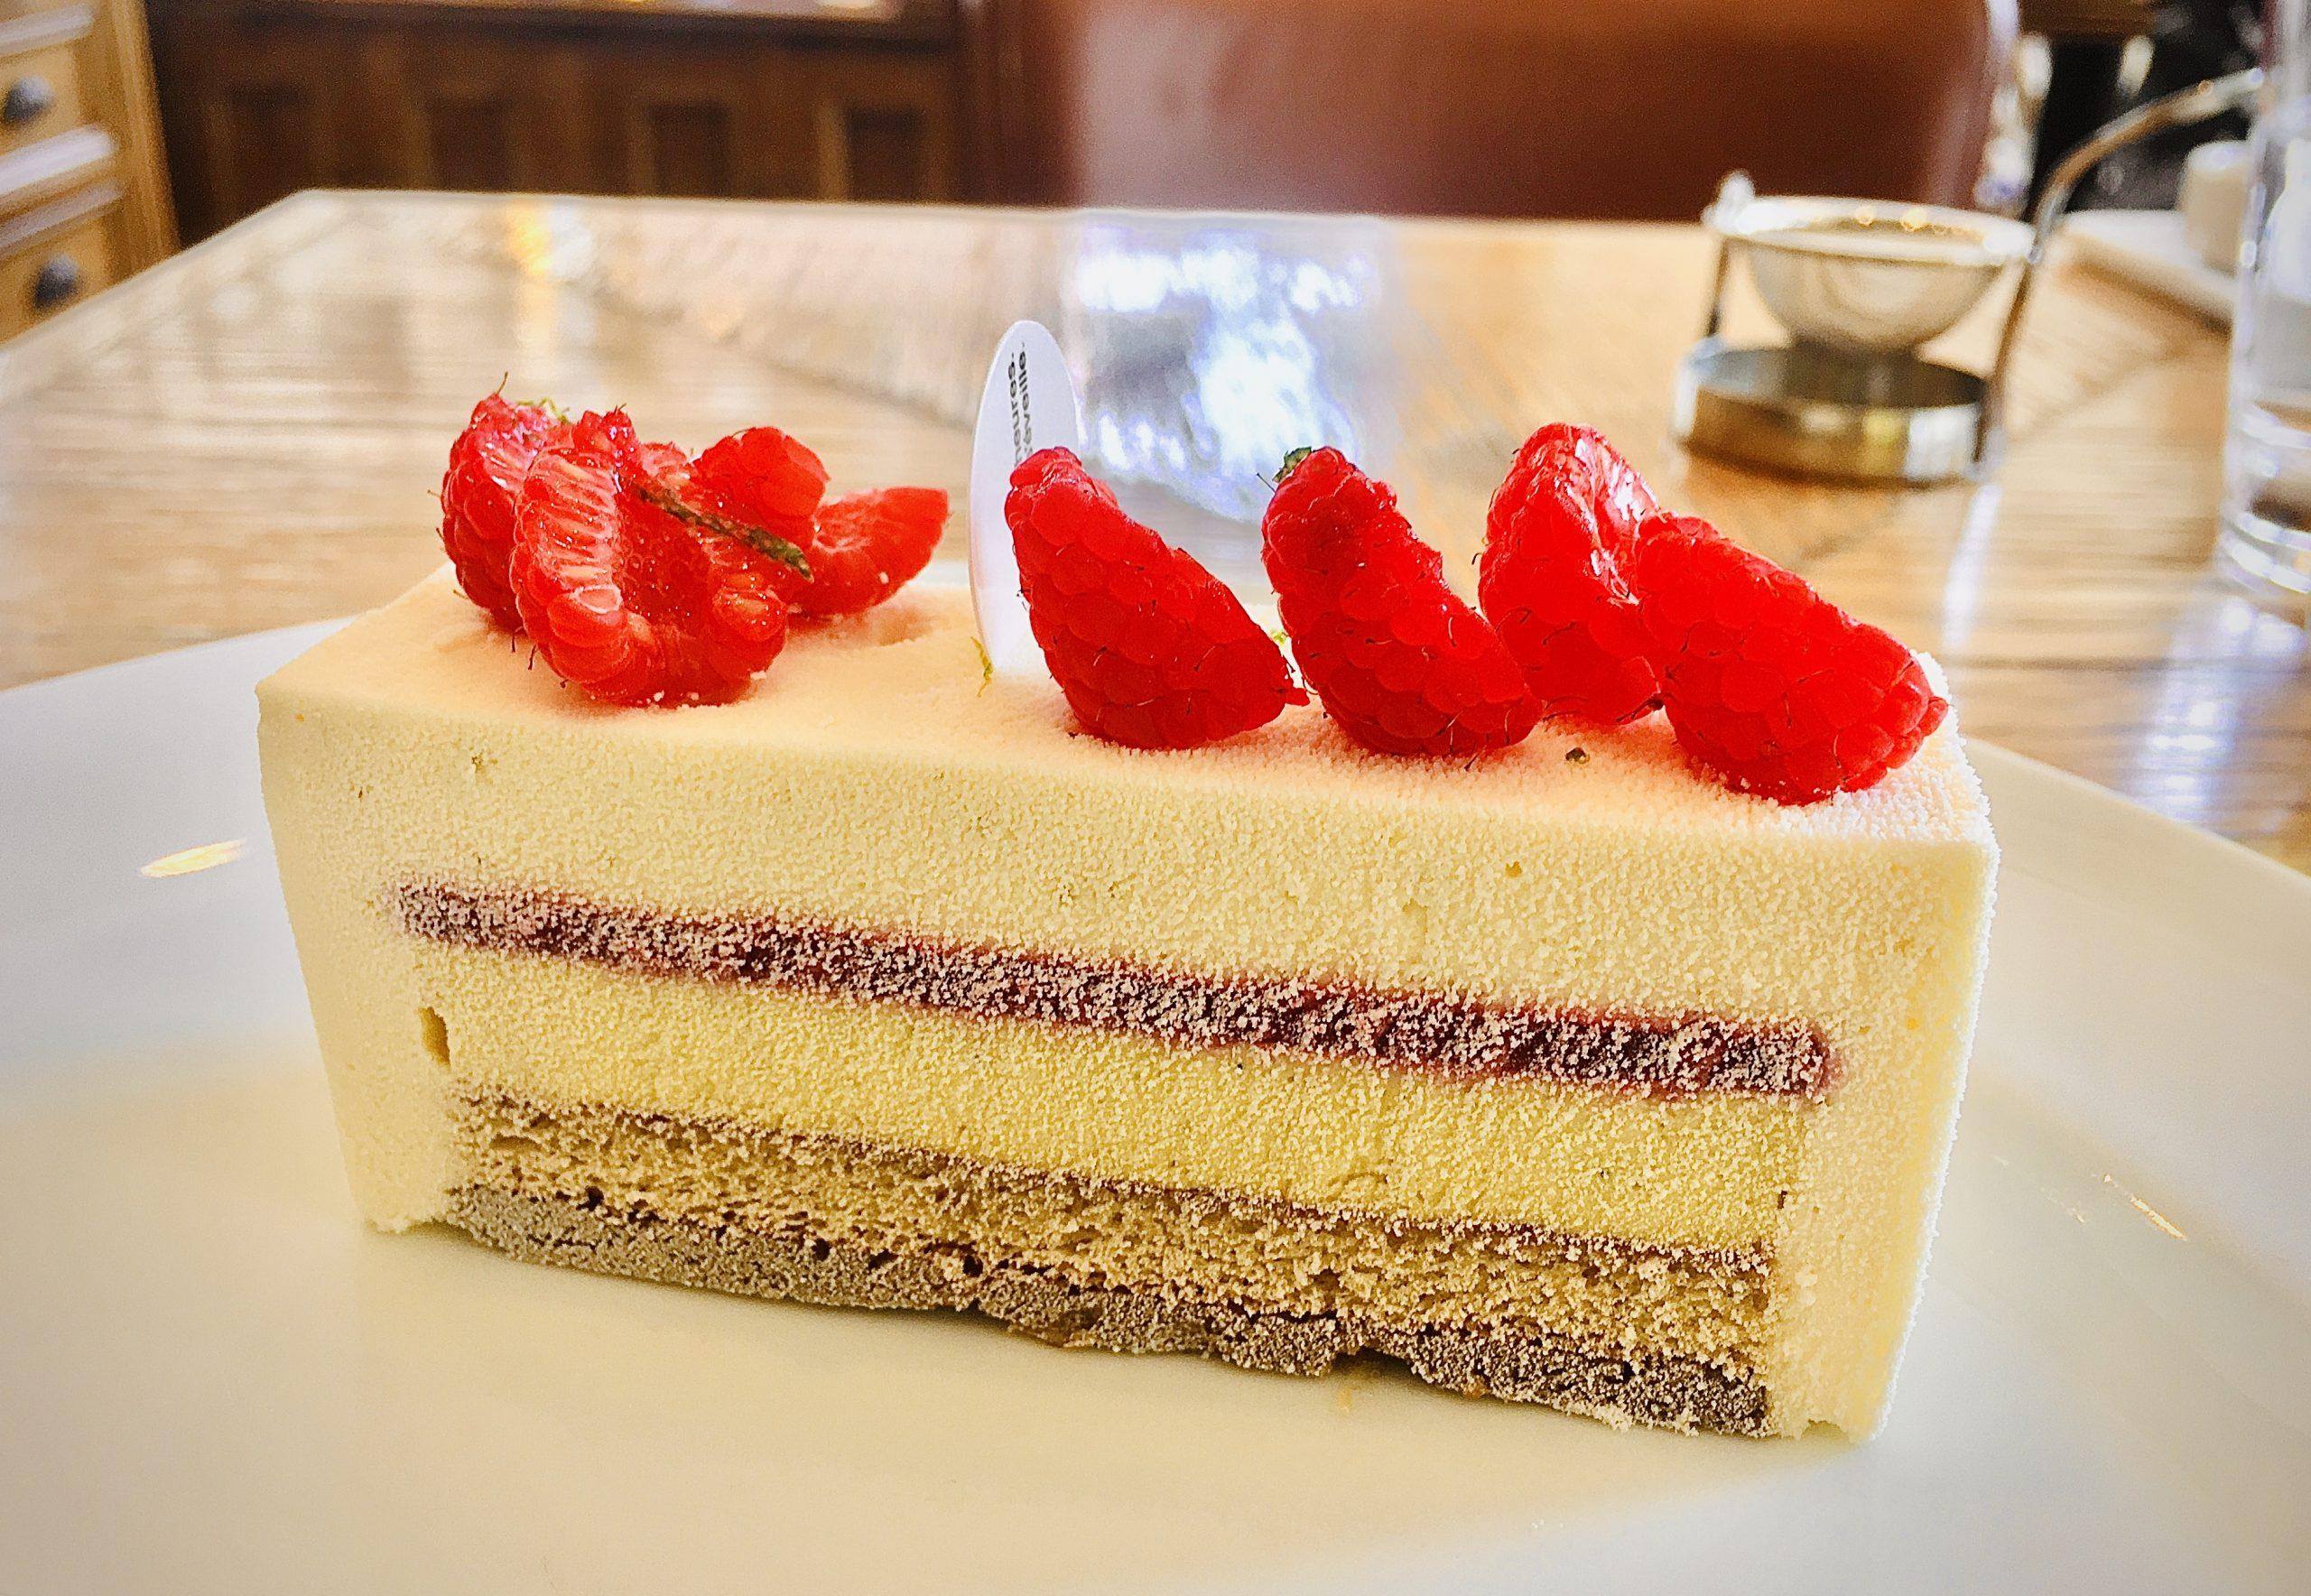 【まるで芸術品!】自由が丘の老舗パティスリー「パリ・セヴェイユ」のケーキを食べてみる